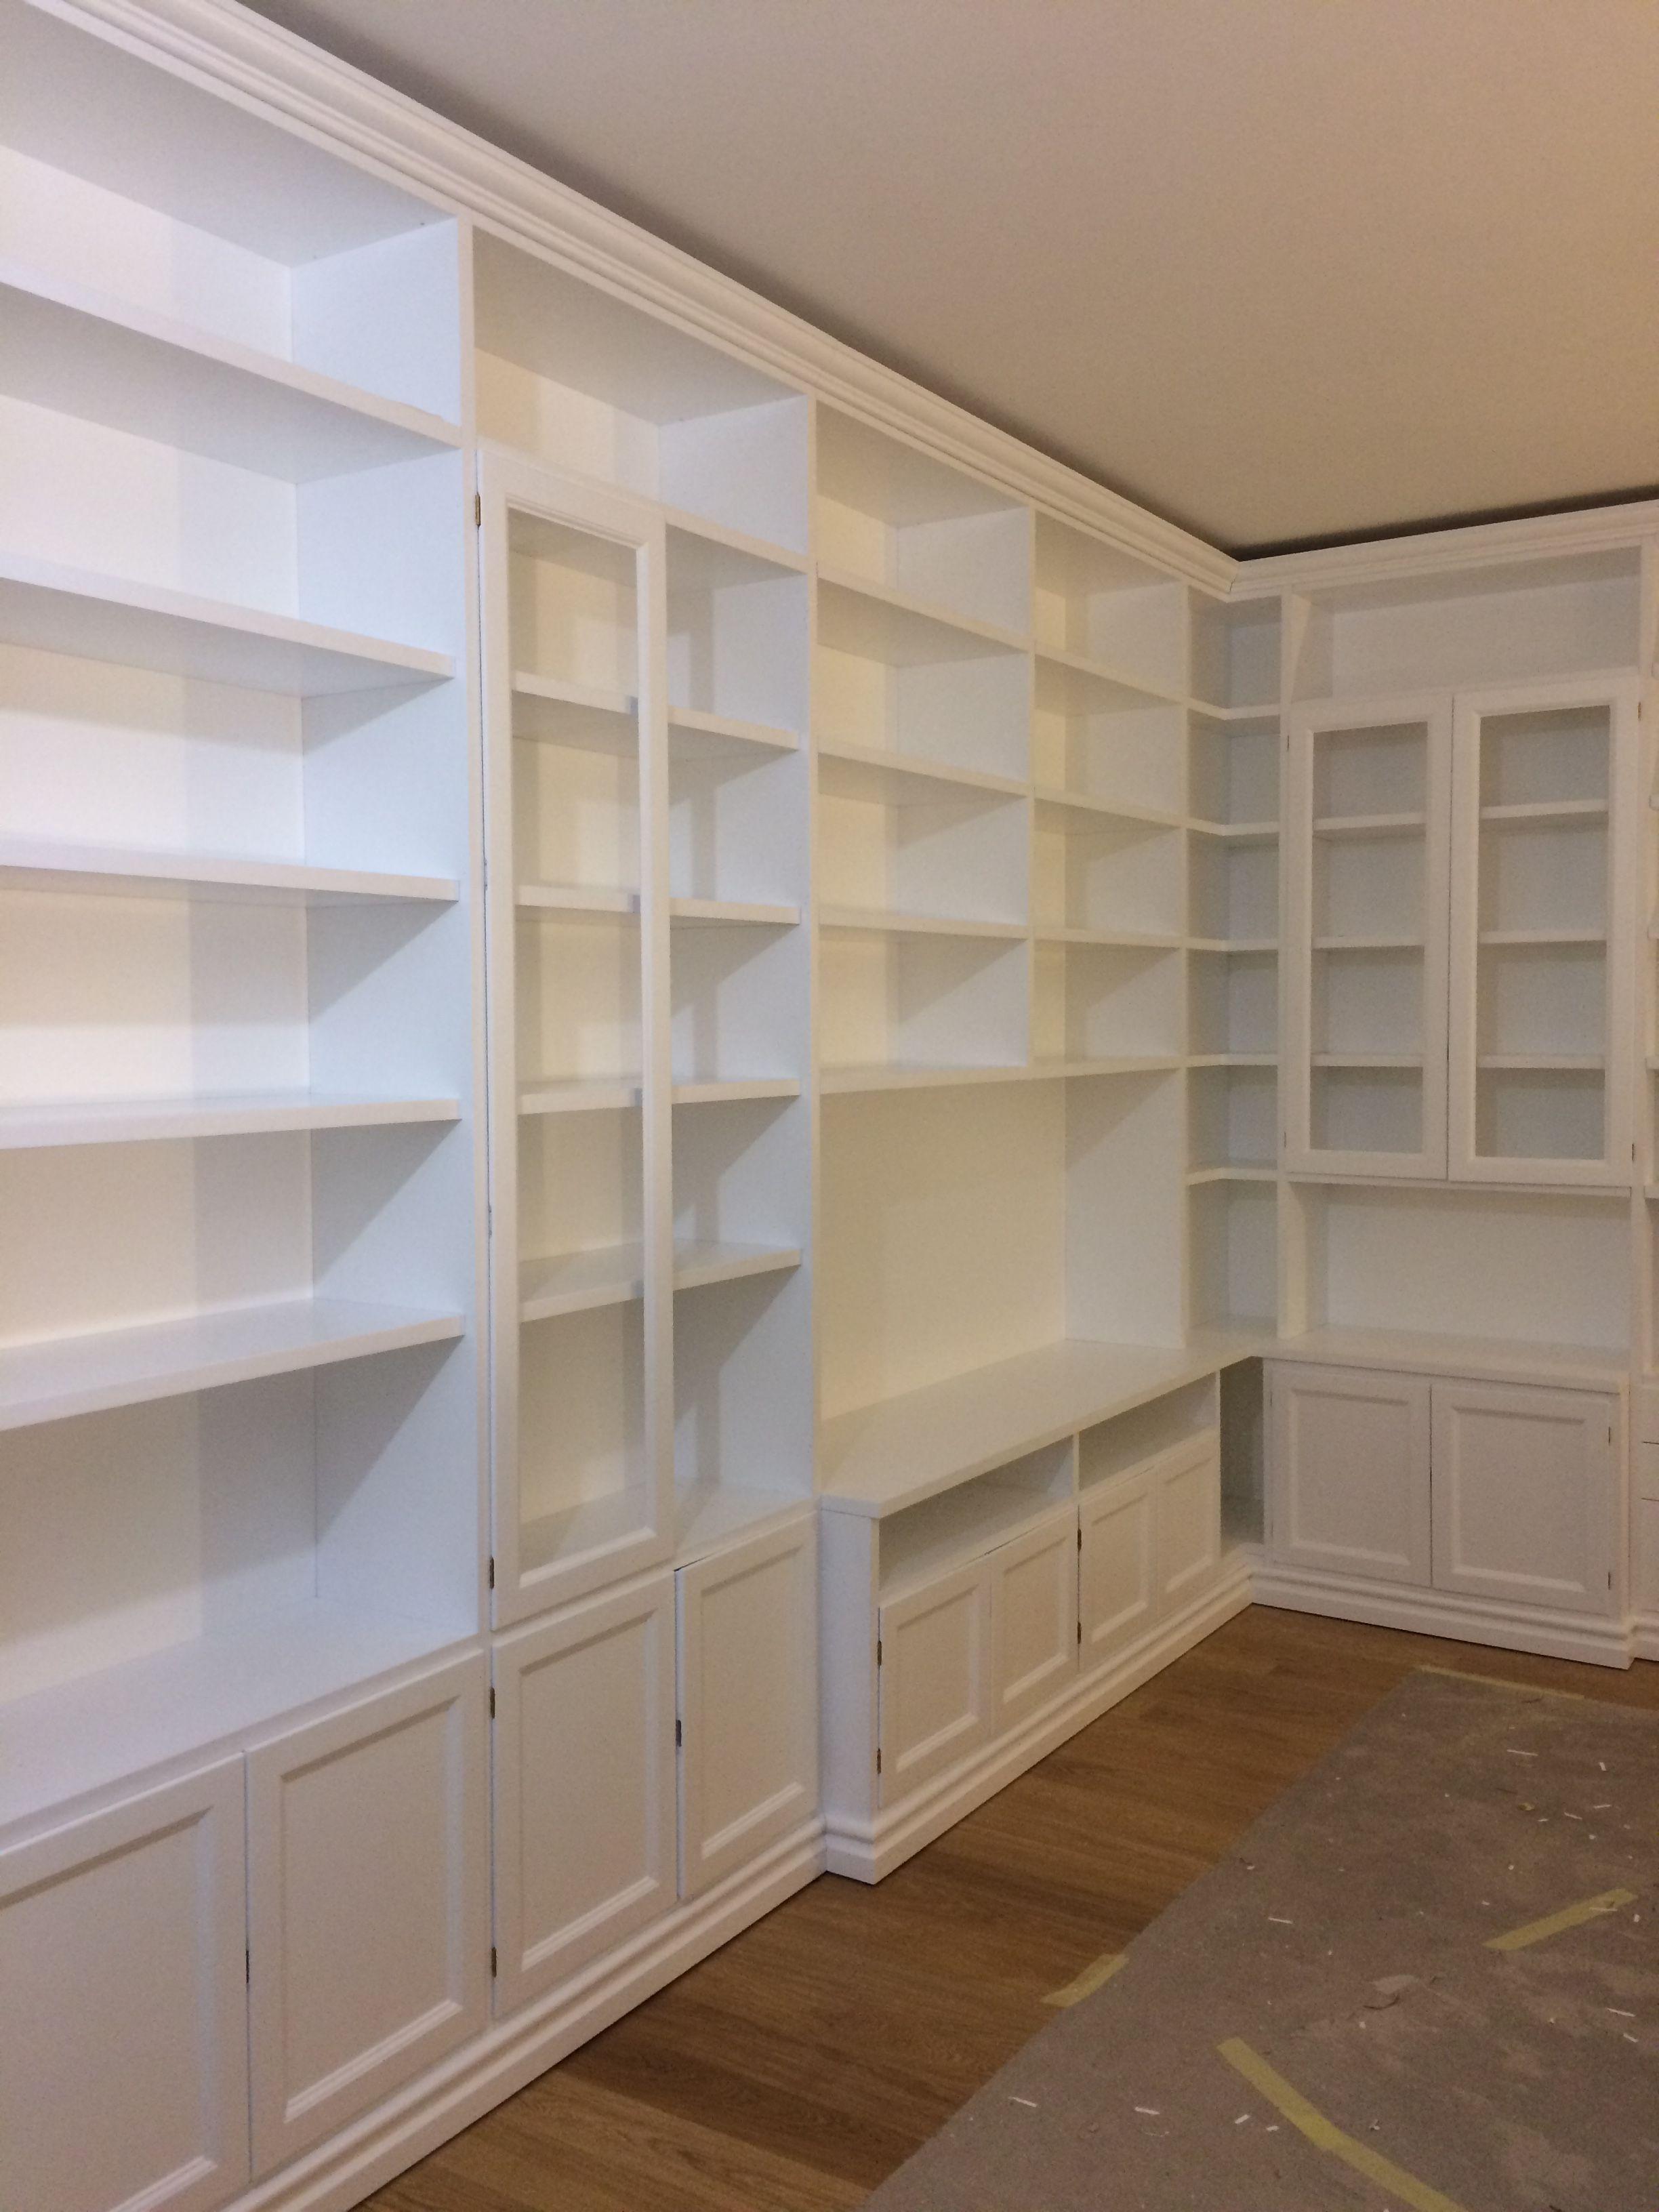 Libreria su misura laccata bianca Arredamento sala bianco